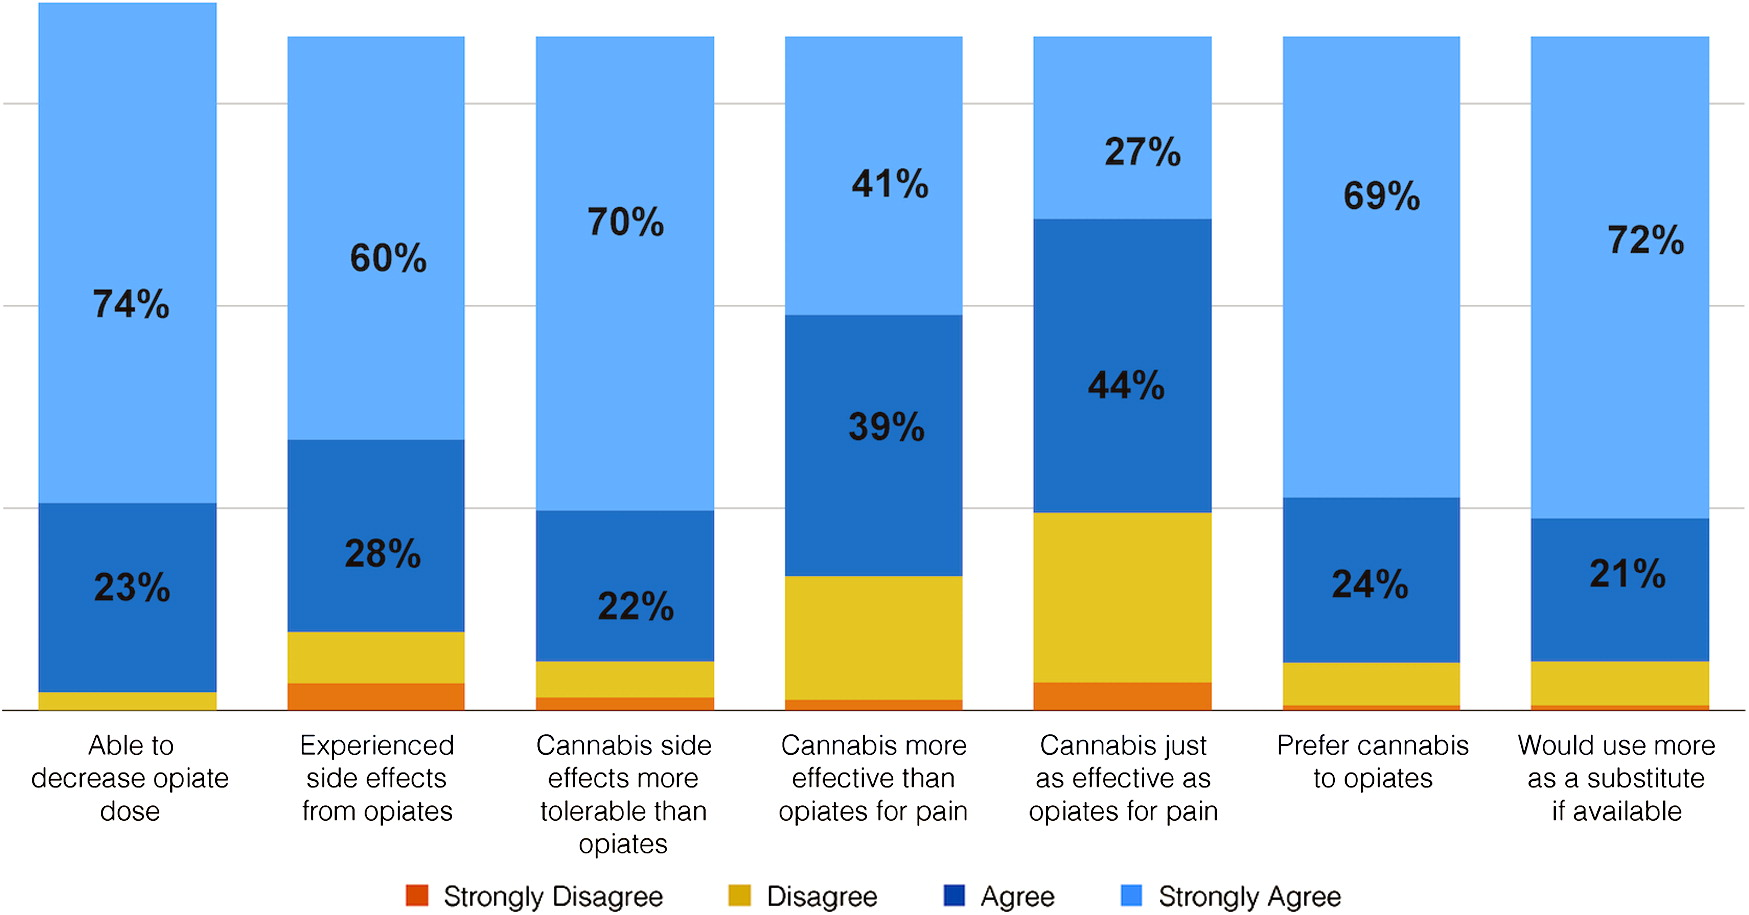 Пациенты готовы употреблять медицинскую марихуану вместо опиоидов